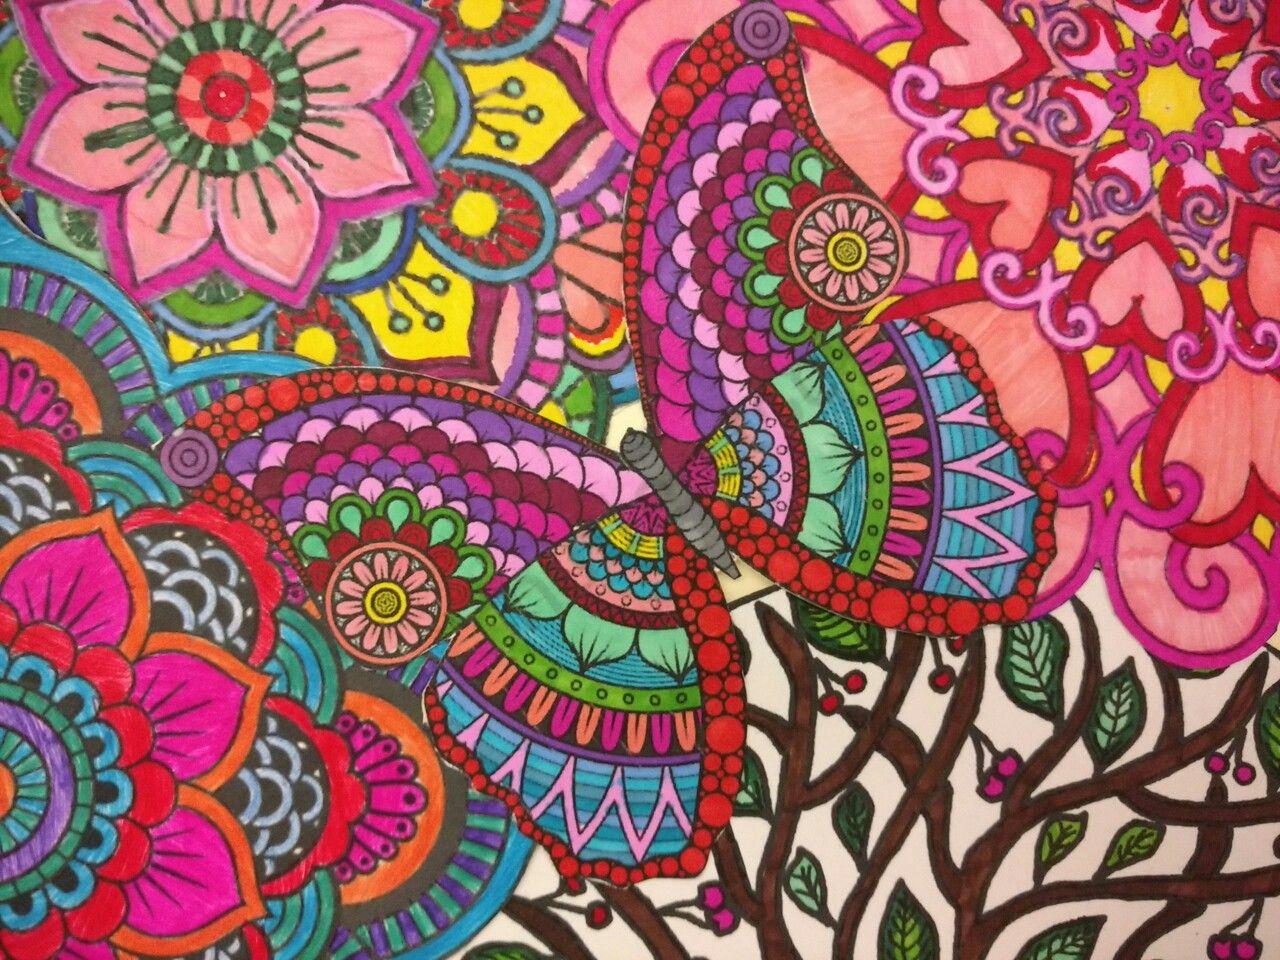 Mariposa mandala colores mandalas en 2019 mandalas - Mandalas en colores ...